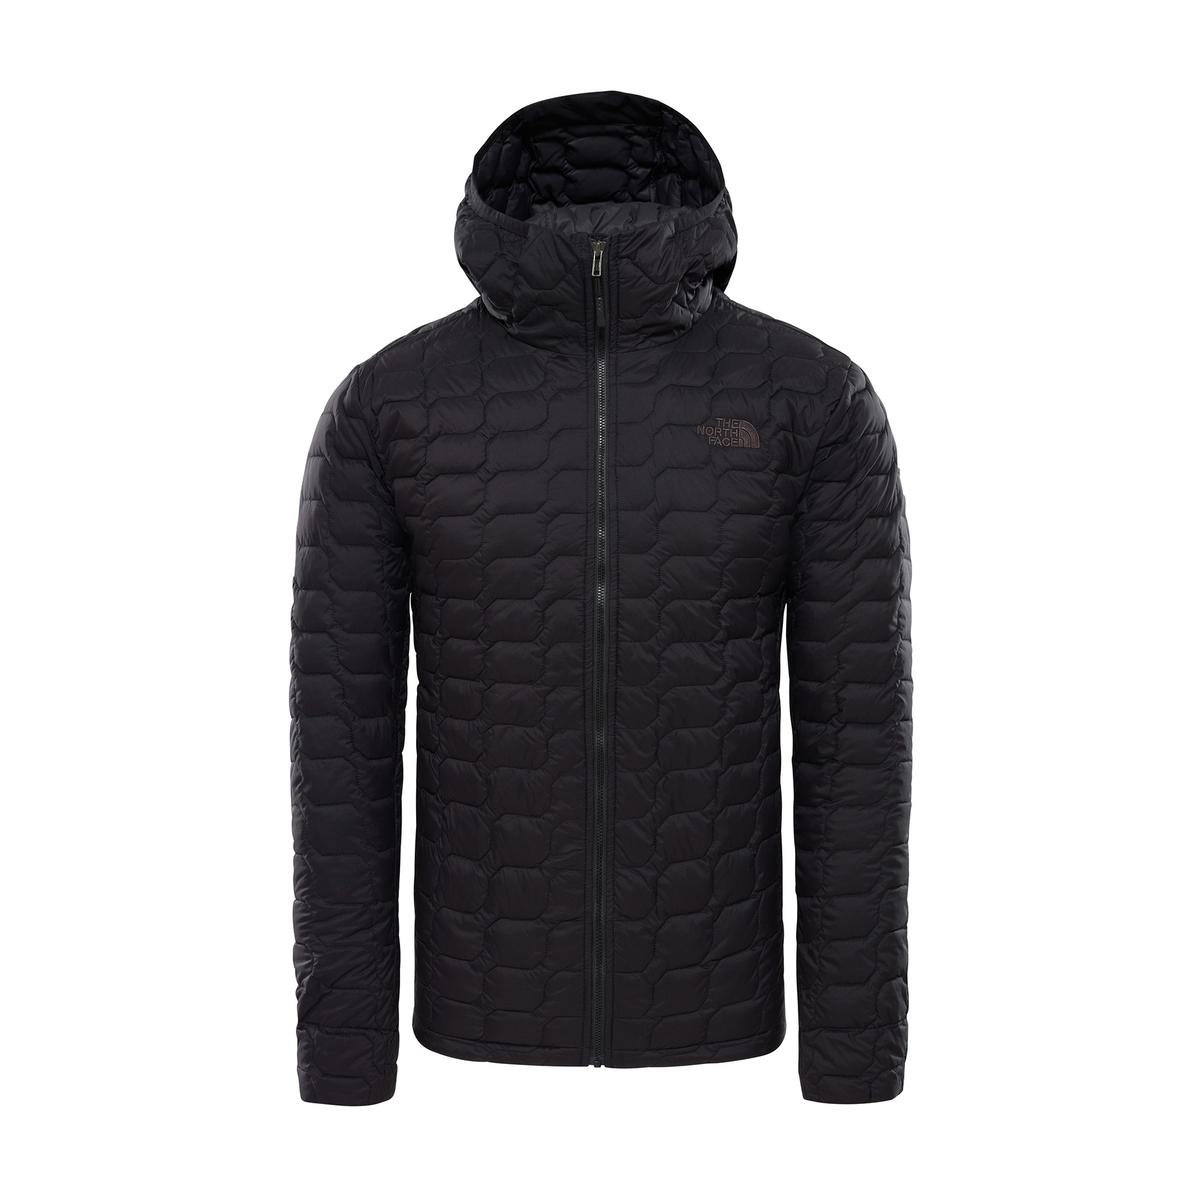 Куртка стеганая короткая с капюшоном, демисезонная модель парка короткая стеганая